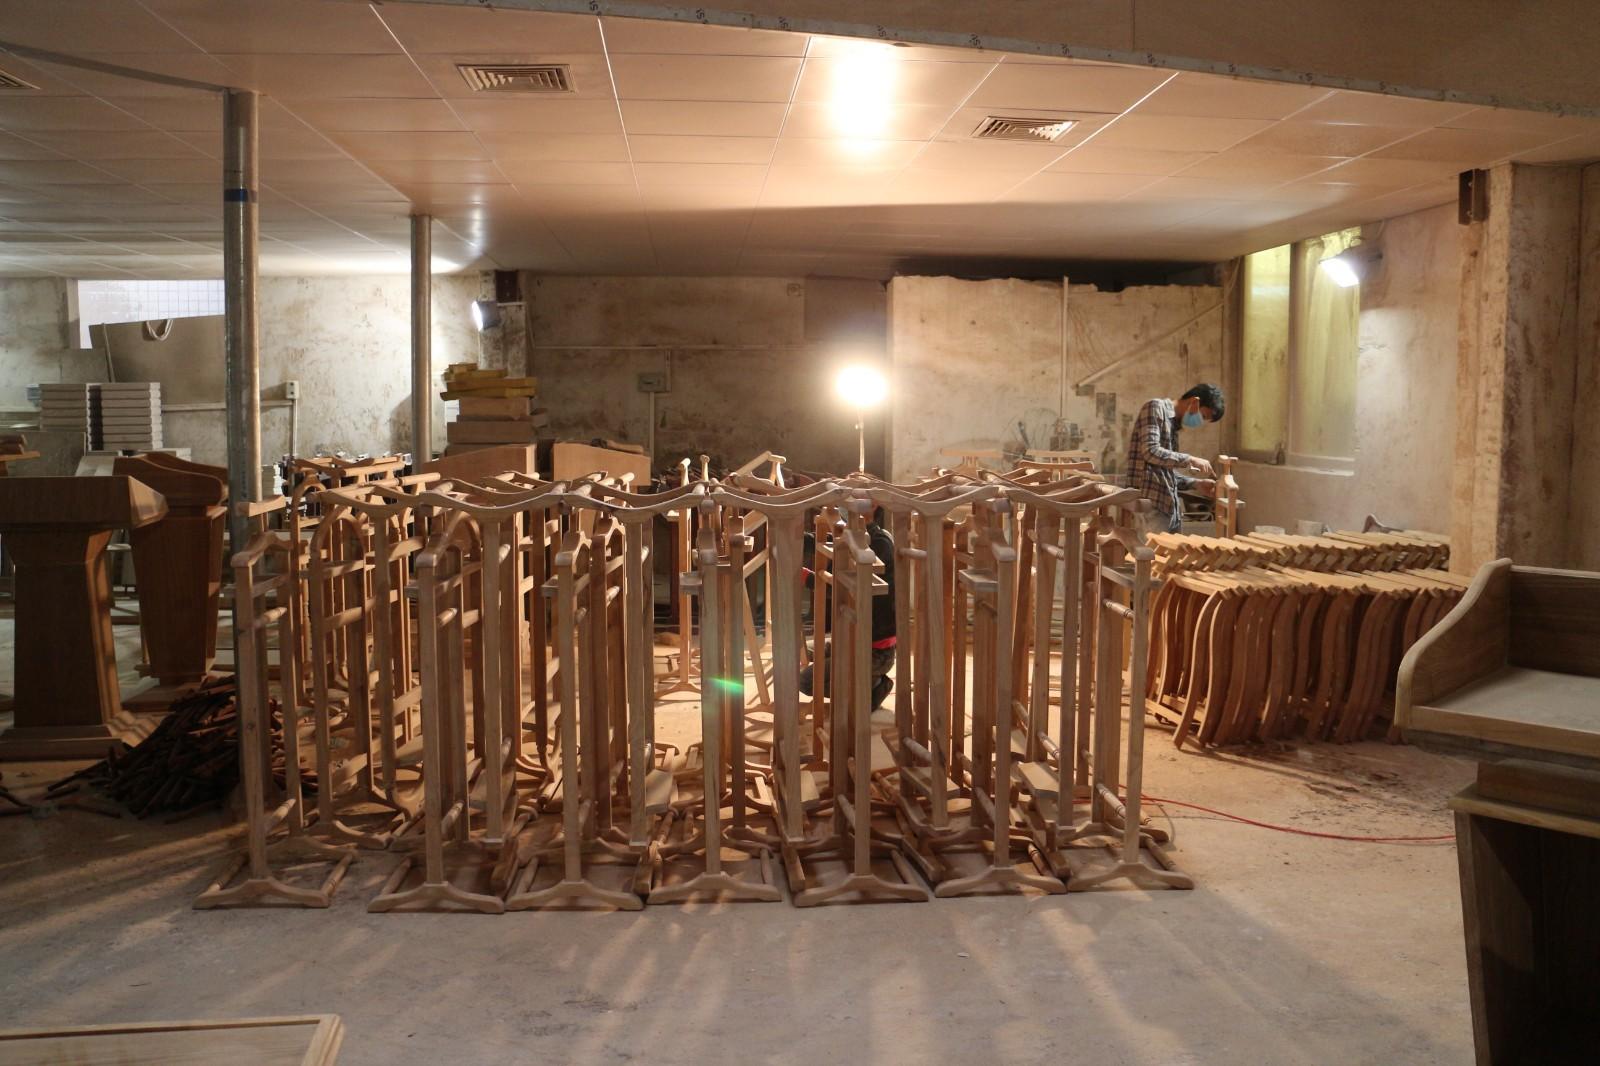 Fenghe-Wholesale Standing Coat Rack Manufacturer, Wooden Coat Rack | Fenghe-3